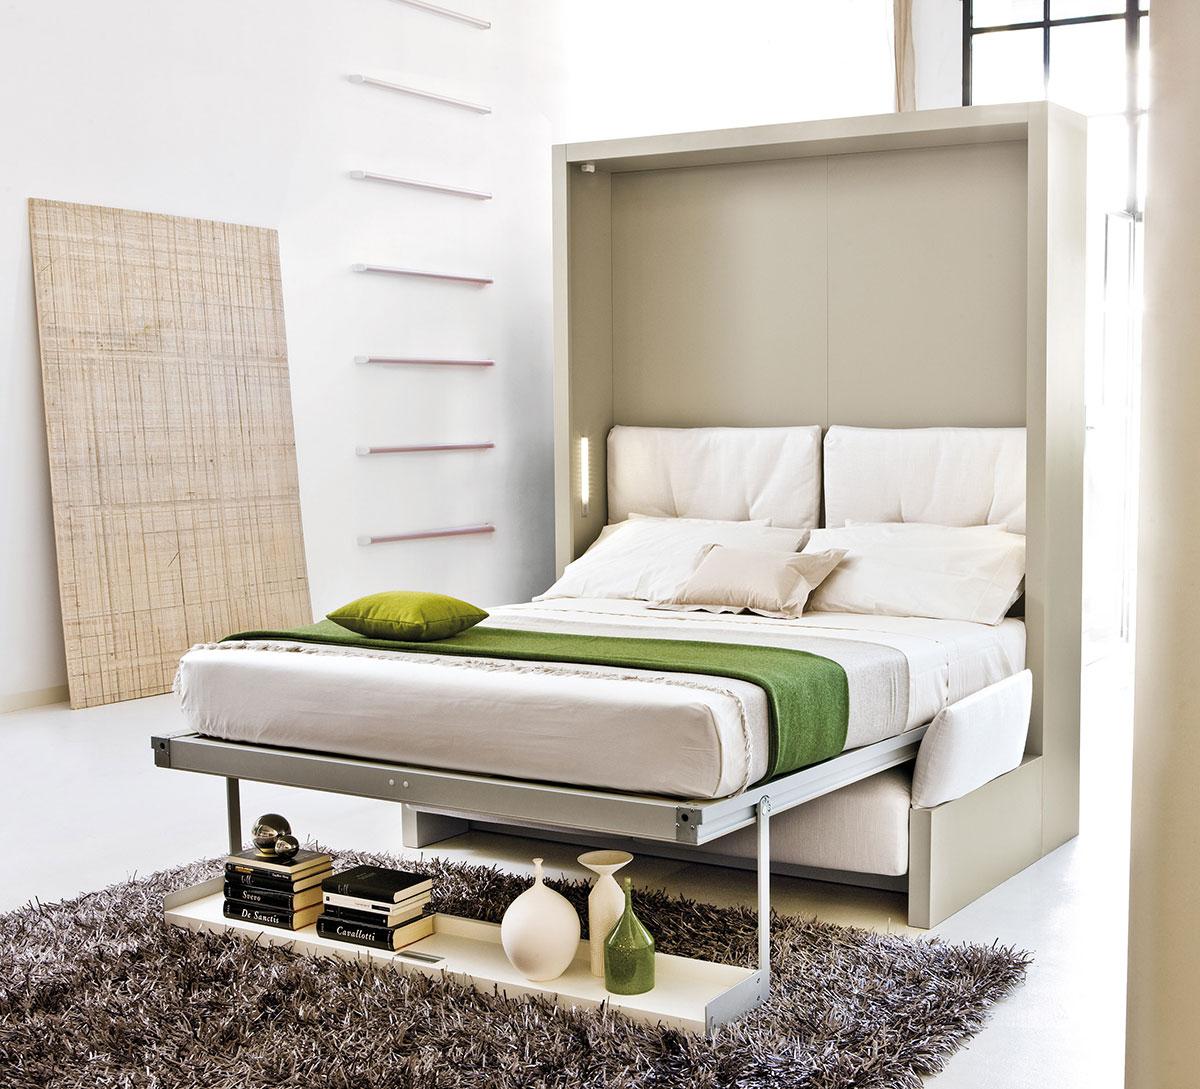 les 50 plus belles id es rangements astuces de filles. Black Bedroom Furniture Sets. Home Design Ideas